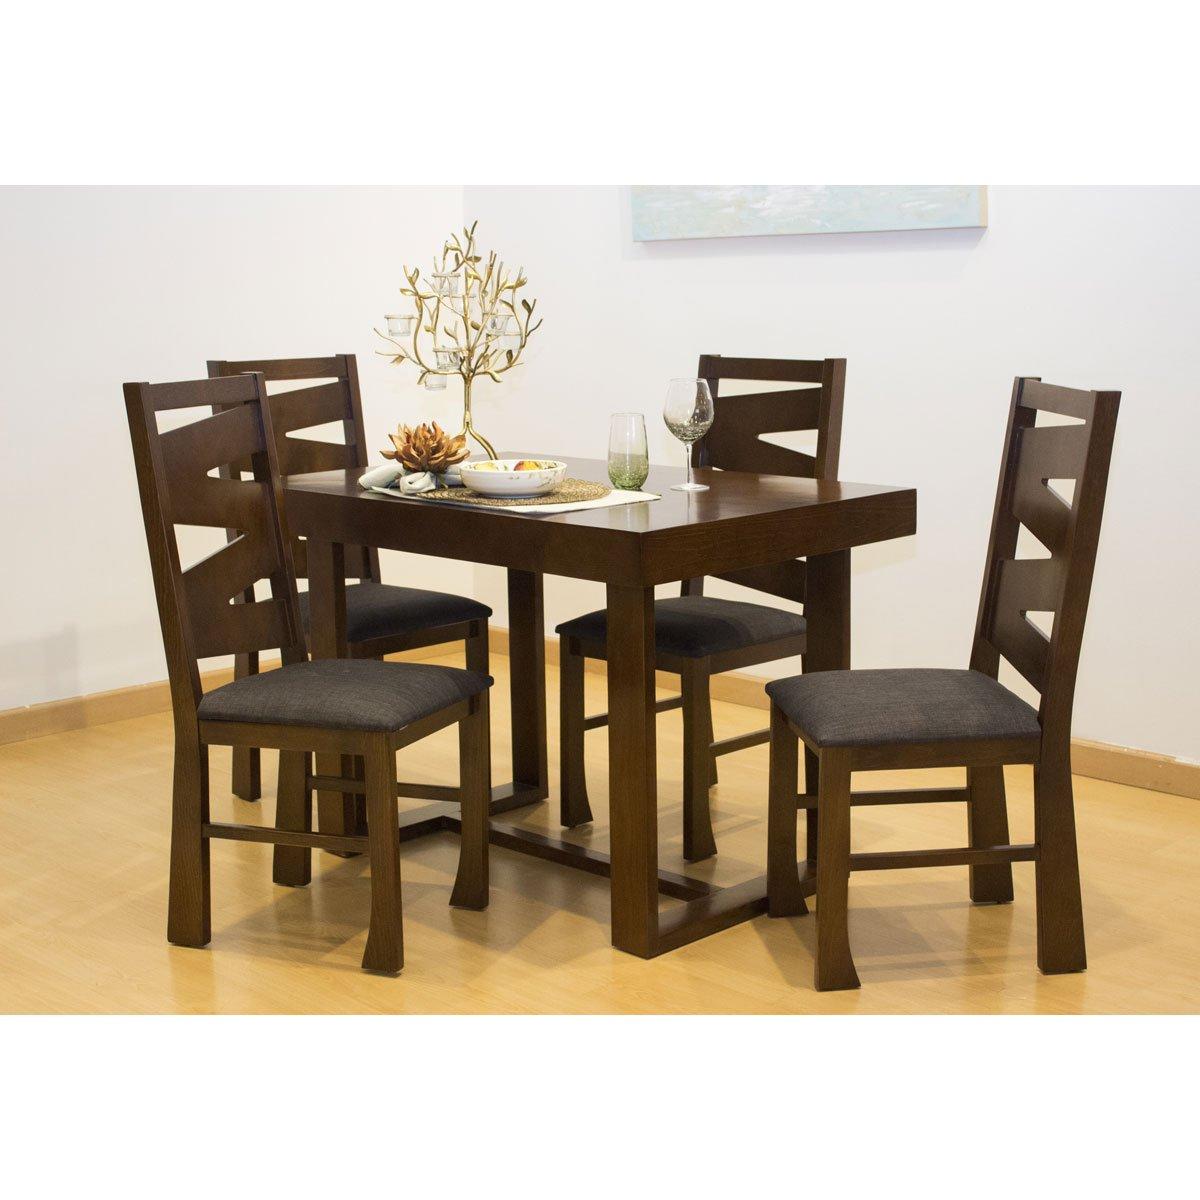 Desayunador con 4 sillas madera de pino muebles el ngel for Sillas para living